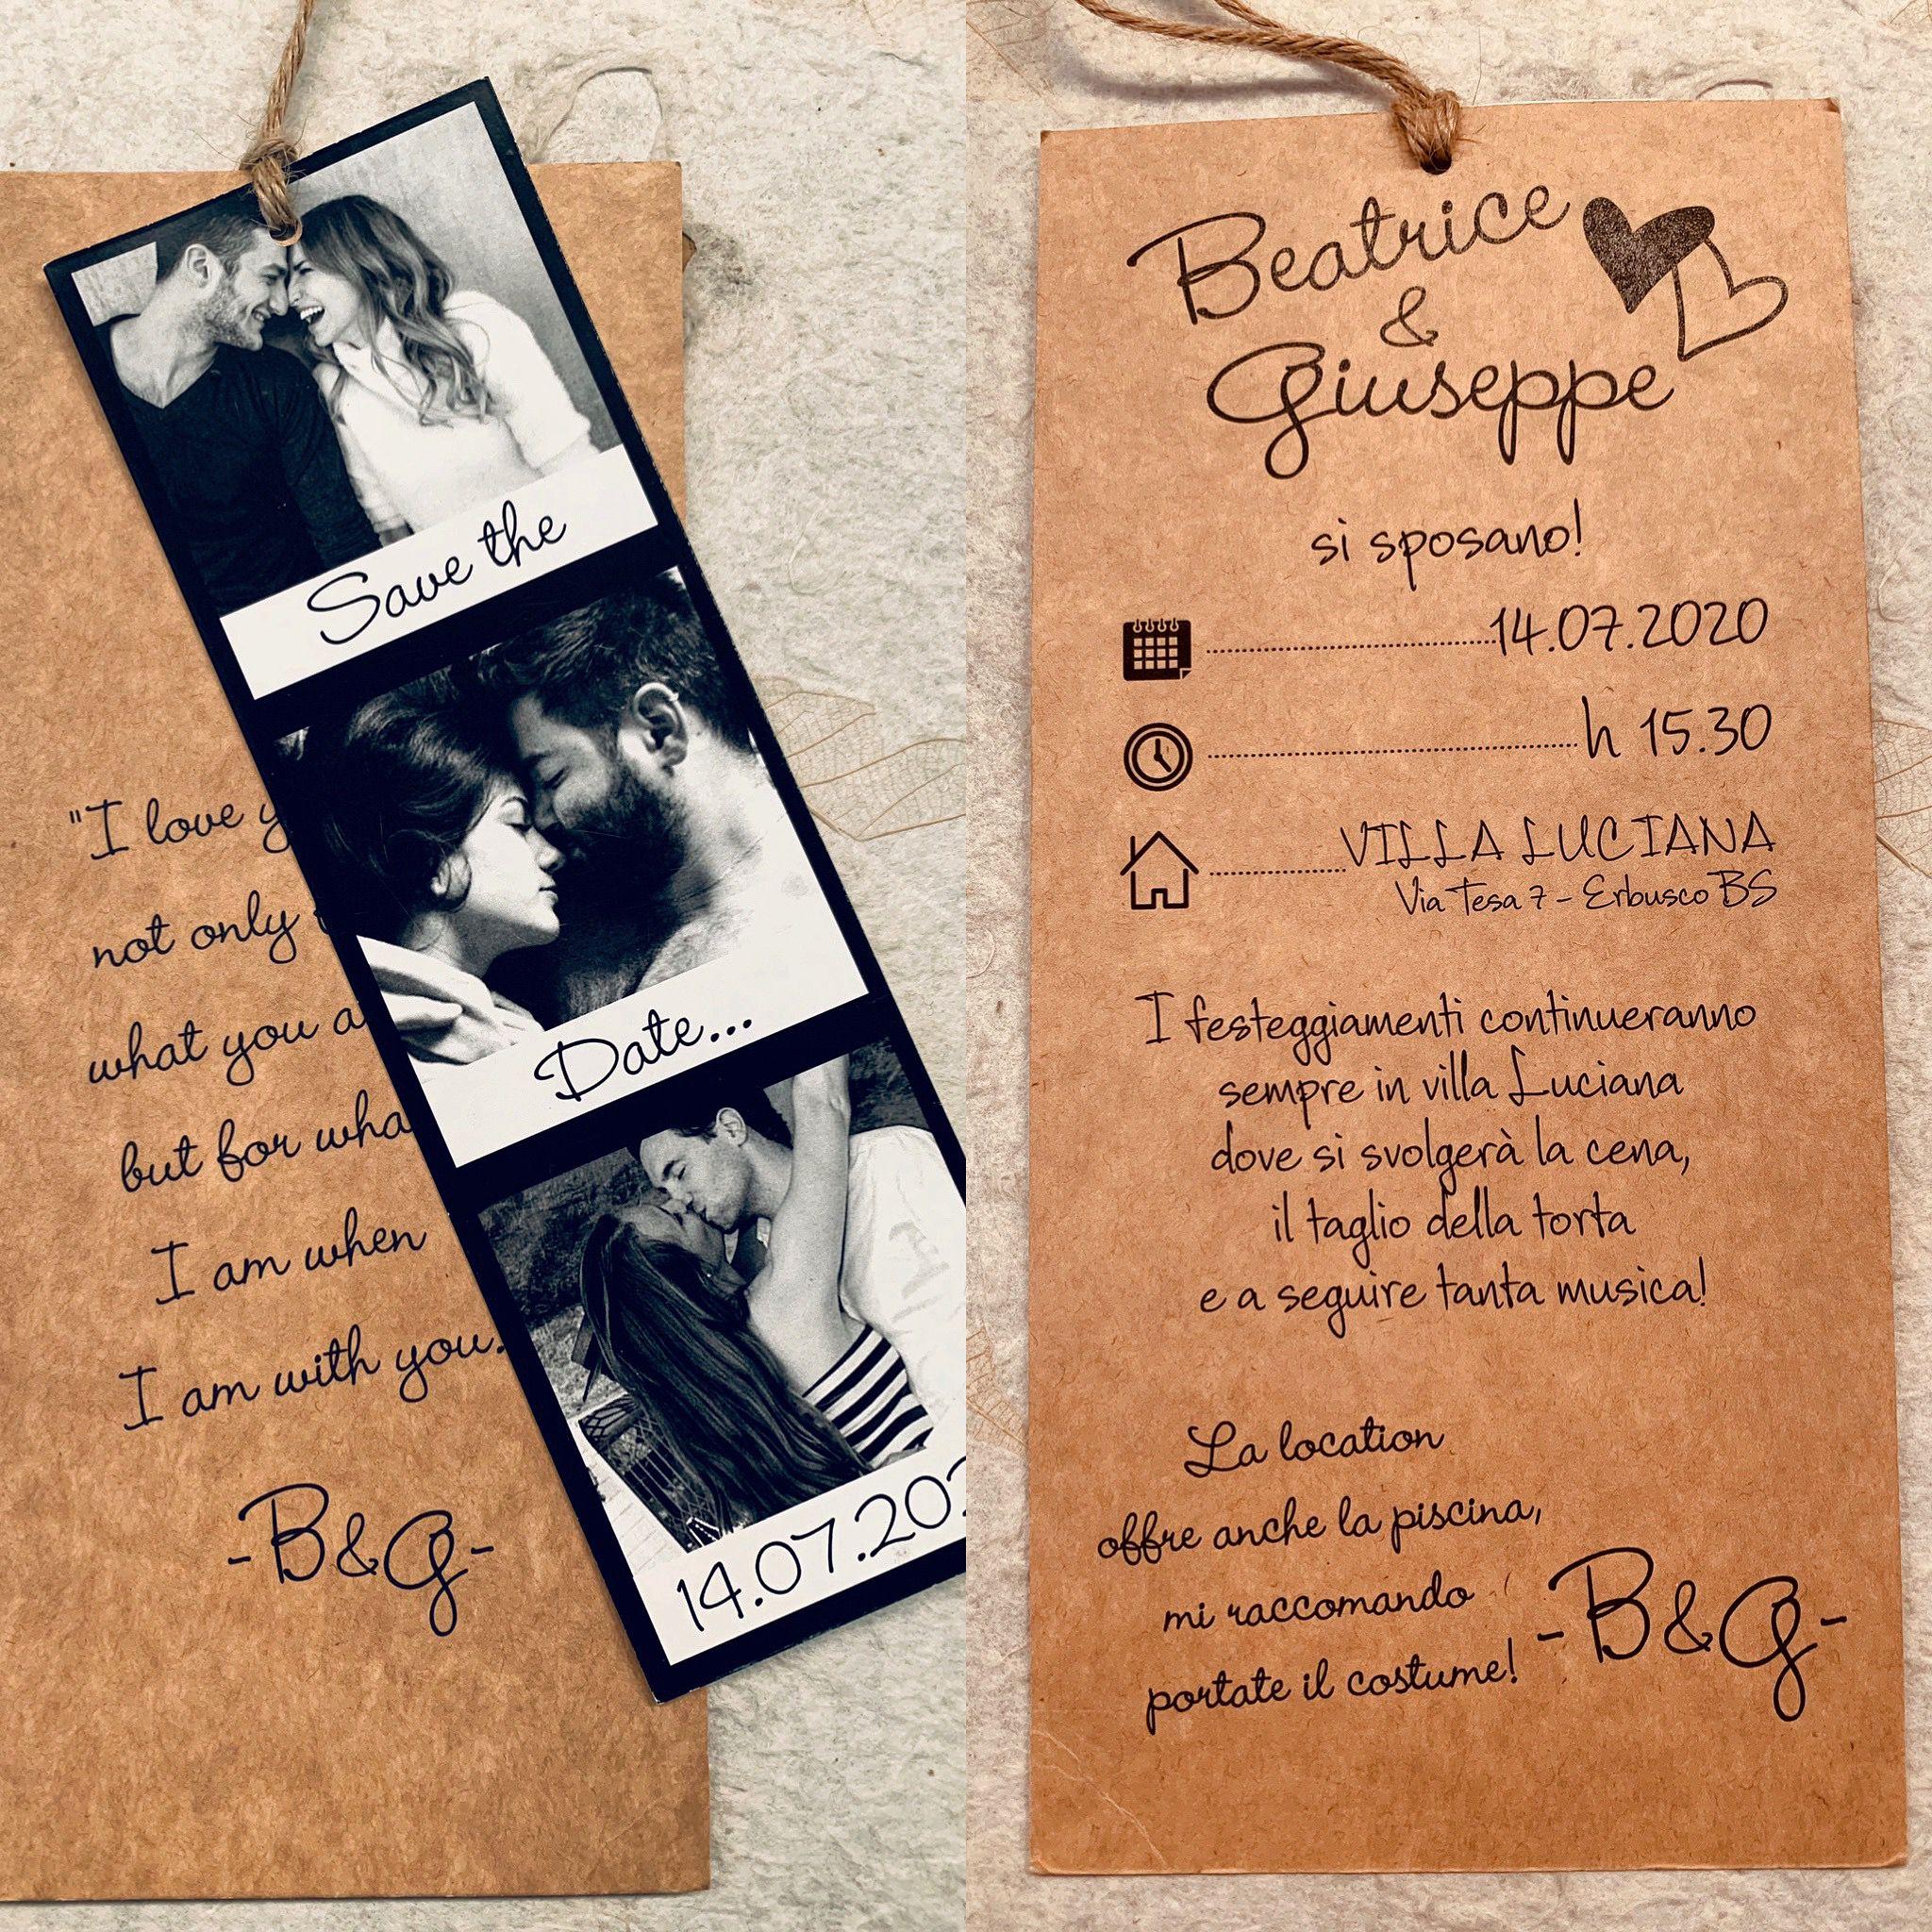 Partecipazioni Matrimonio Inviti Di Nozze Partecipazioni Per Matrimonio Nozze